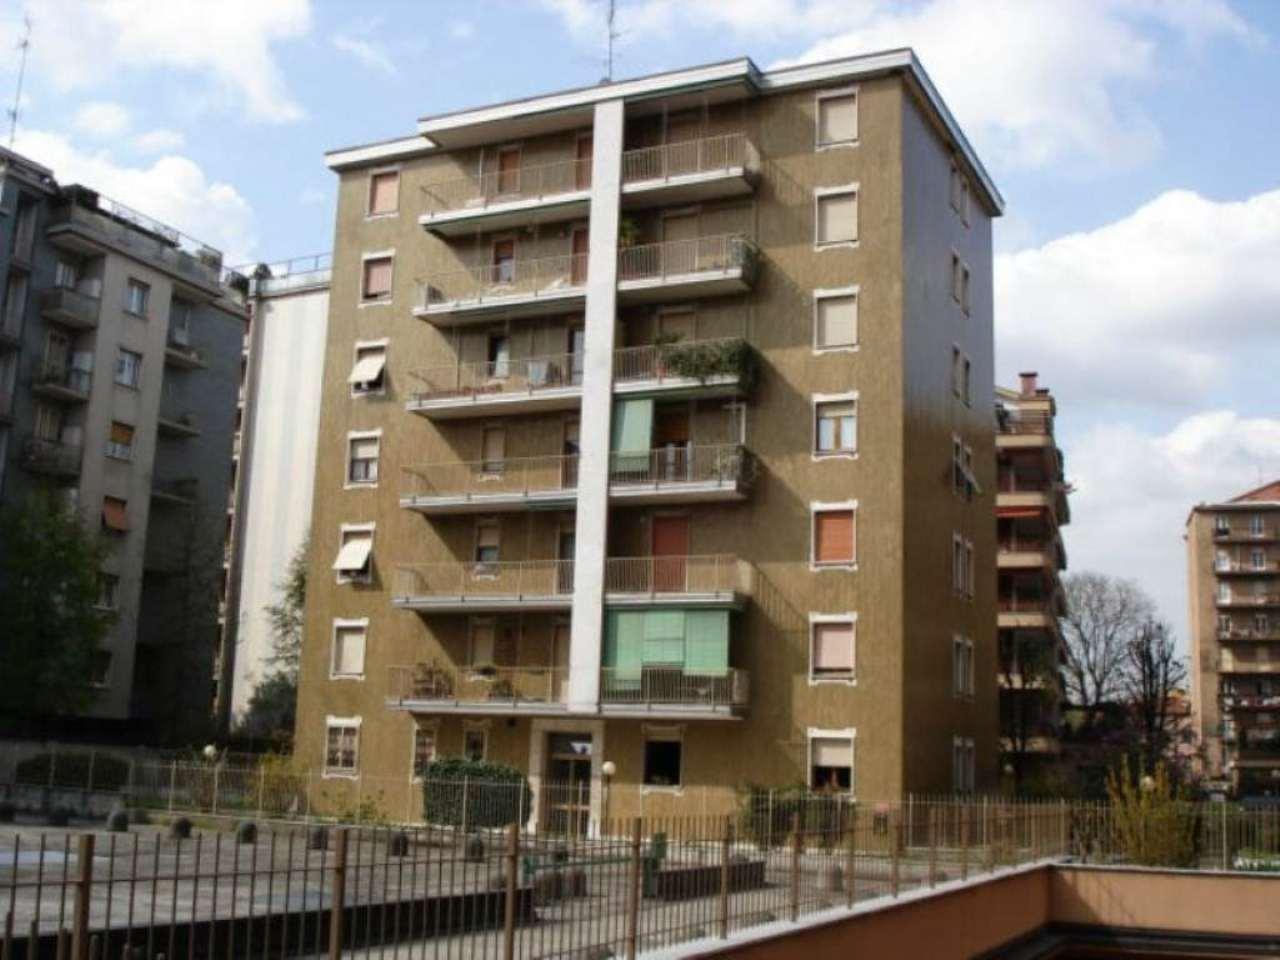 Appartamento in vendita a Bresso, 3 locali, prezzo € 180.000 | Cambio Casa.it